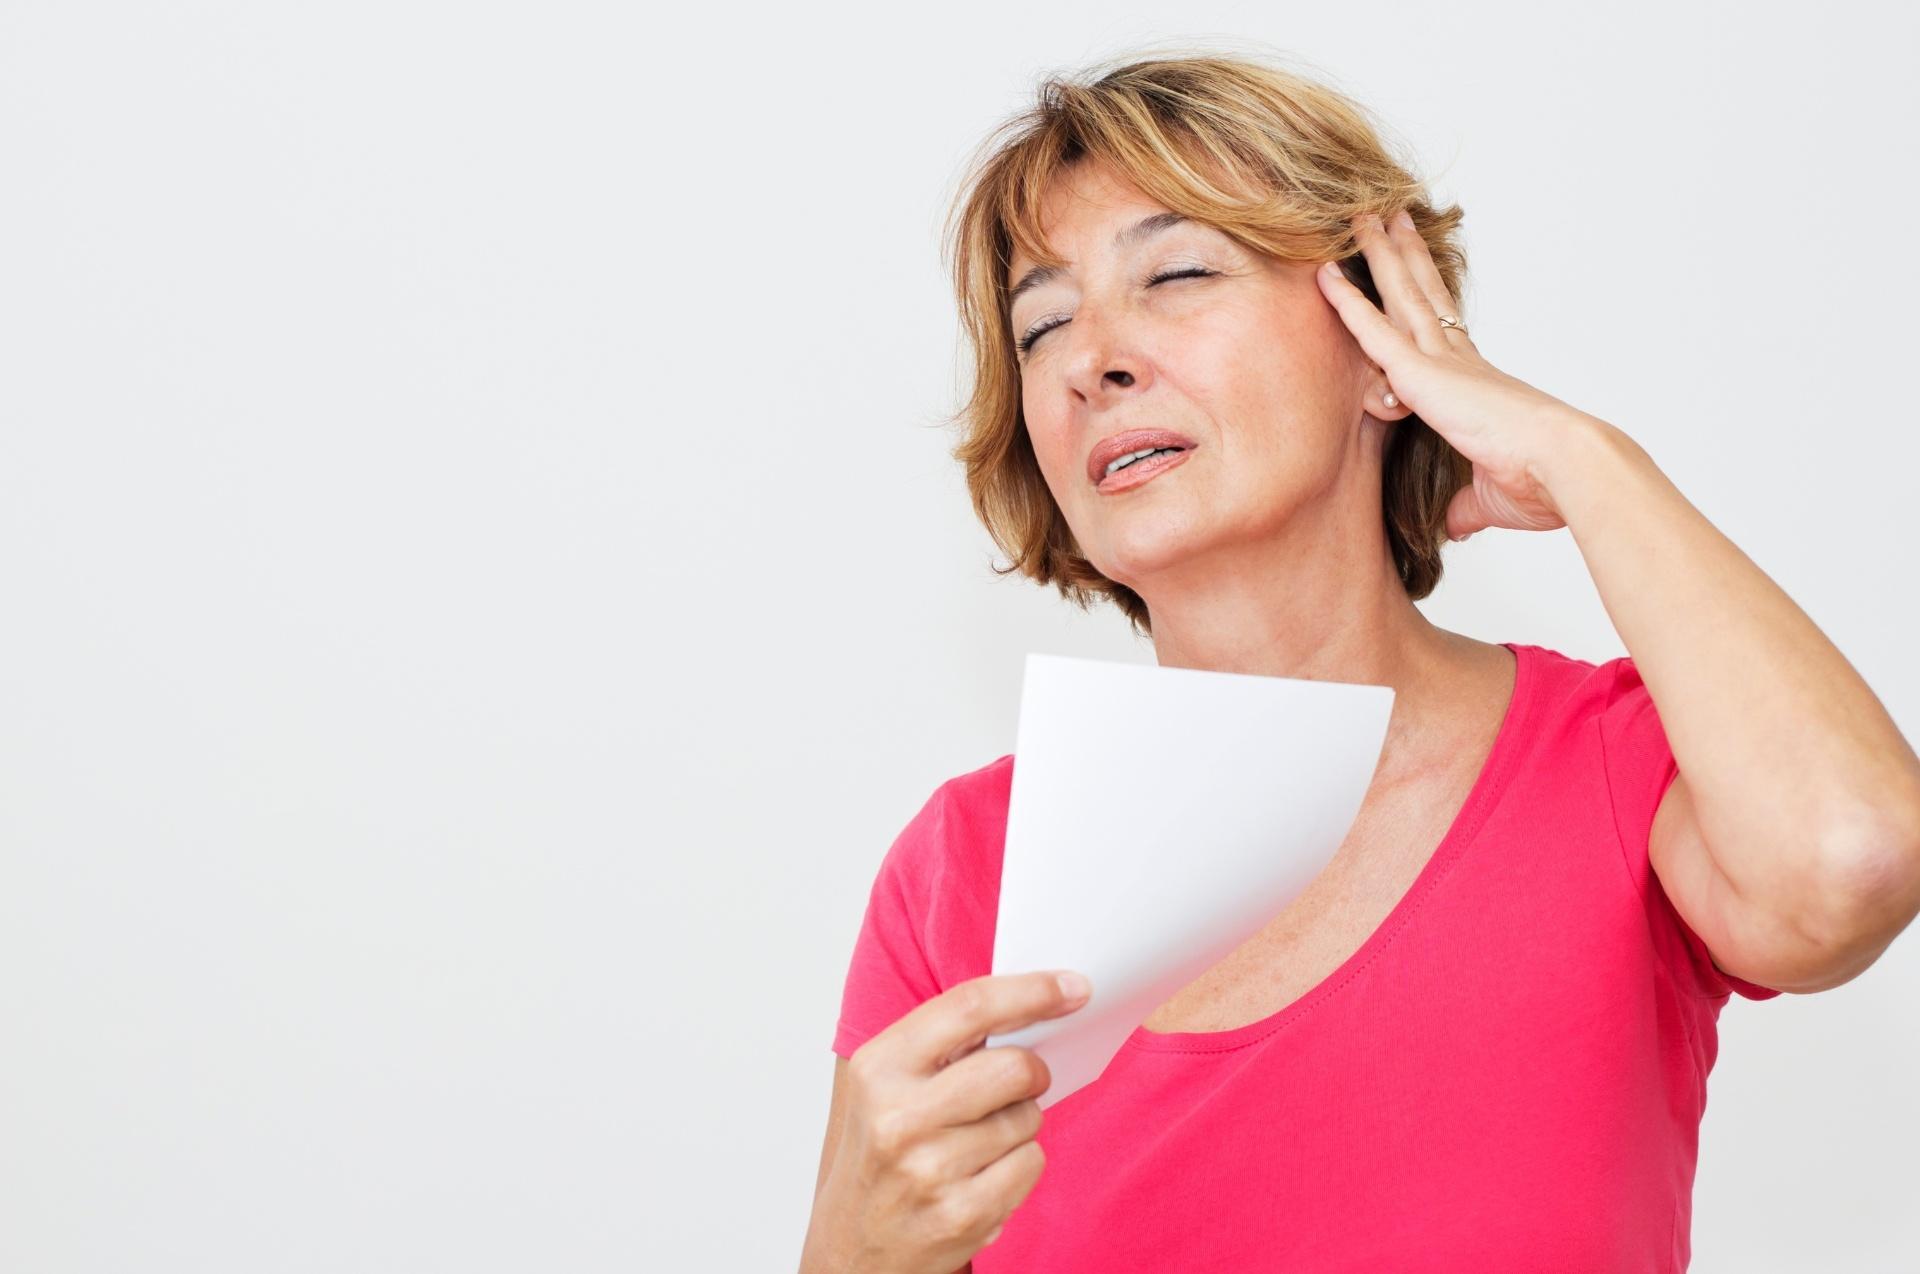 Длительные симптомы климакса говорят о риске рака молочной железы